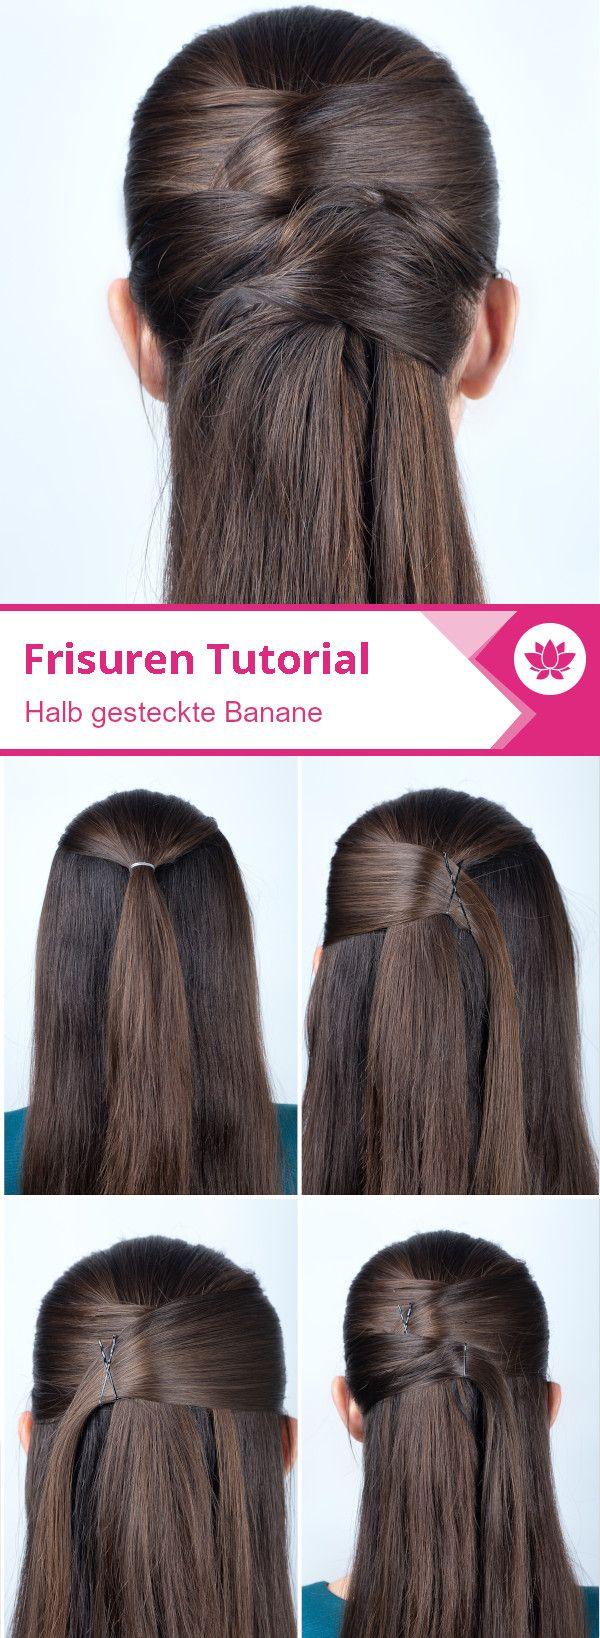 Frisuren Bilder: Entgegengesetzt gestecktes Haar im Stil einer Banane – Frisuren, Haare